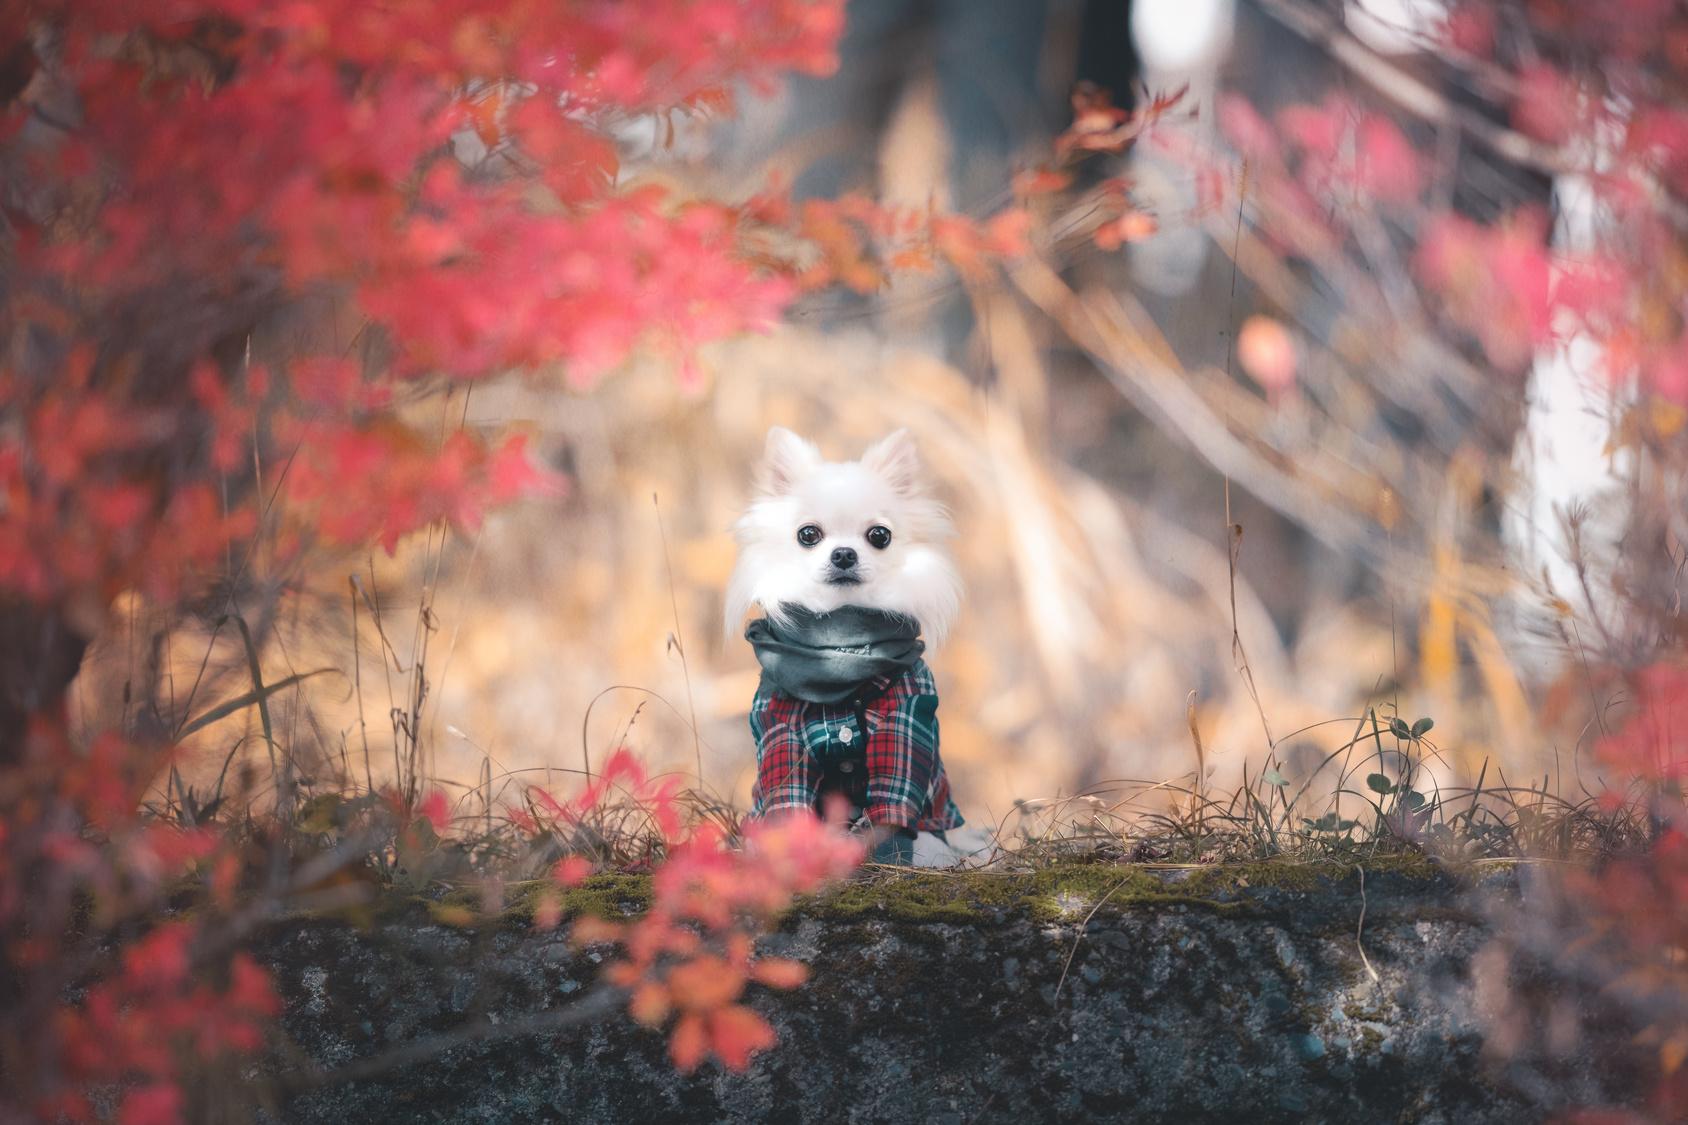 今が見ごろ!愛犬と紅葉狩りに行ける観光スポット8選【中部編】